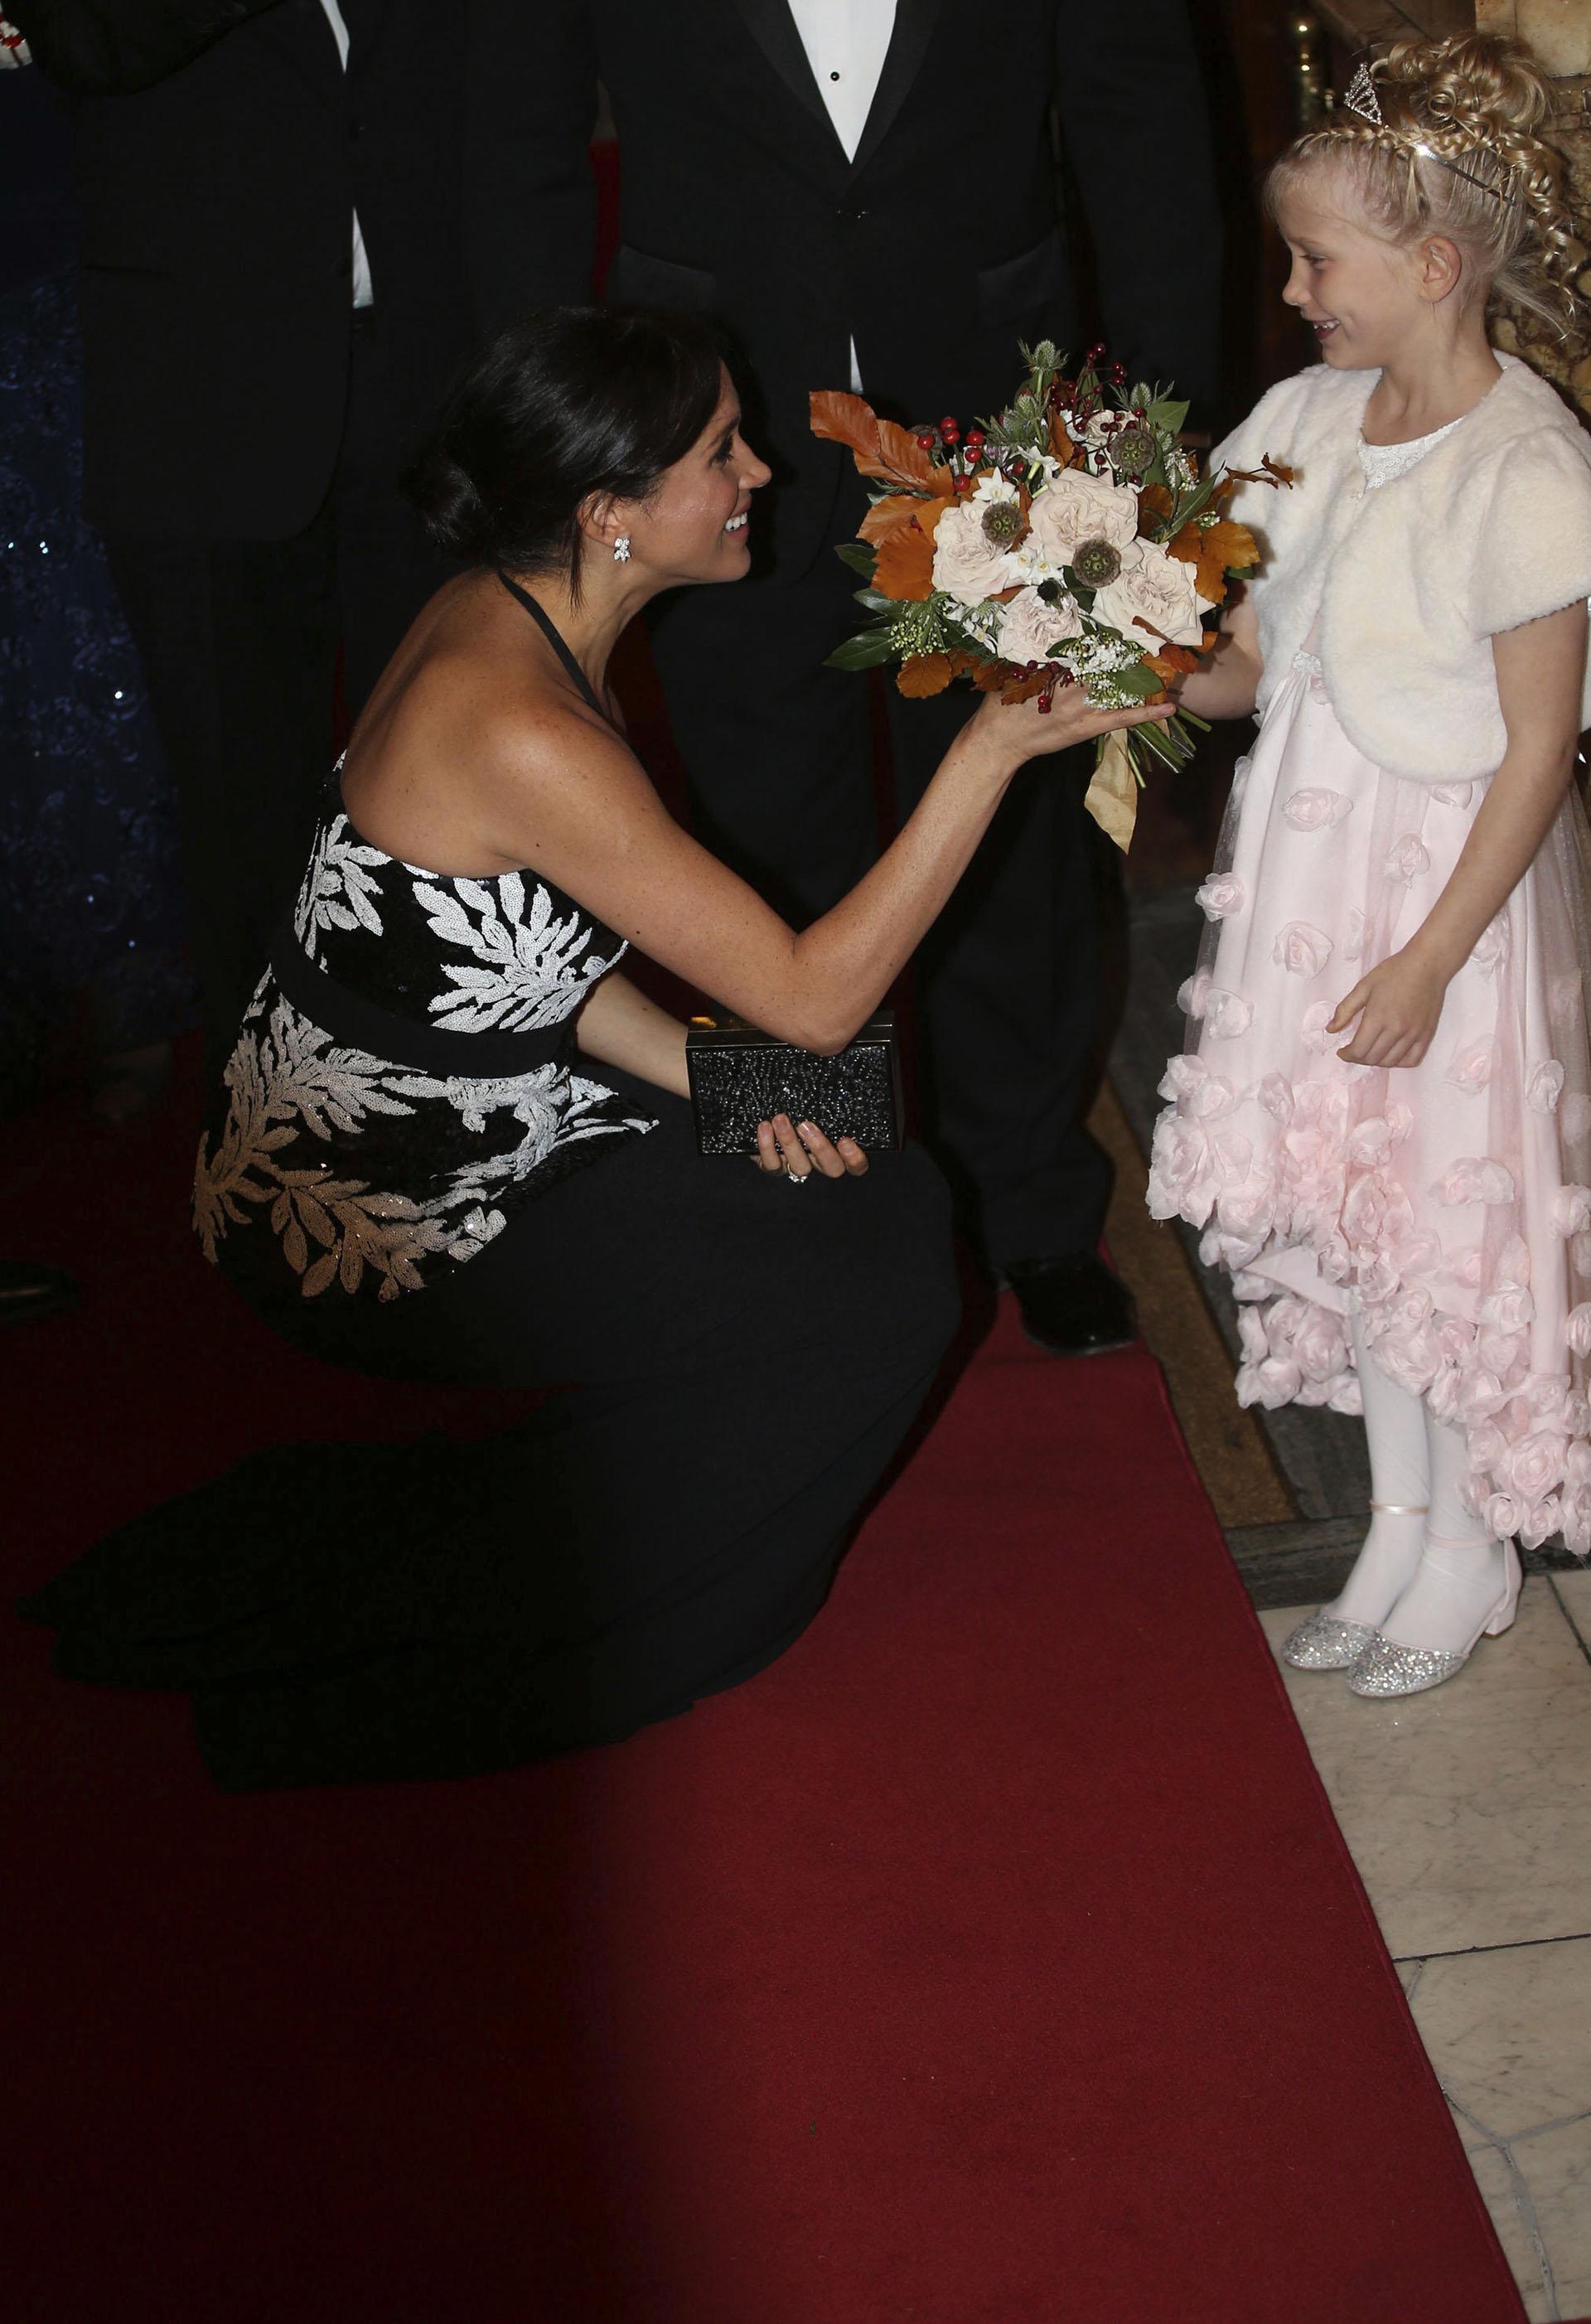 Meghan recibió amablemente un ramo de flores, que le obsequió una niña, y se agachó a saludarla y conversar con ella